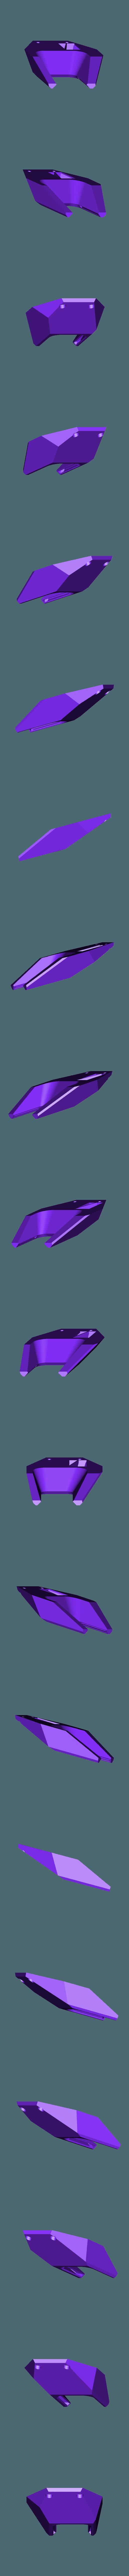 E3D_Mount_v2-6_SYMMETRIC_DUCT.STL Télécharger fichier STL gratuit Monture basse pour grenouille poly (RigidBot E3D v6) • Design pour imprimante 3D, WalterHsiao